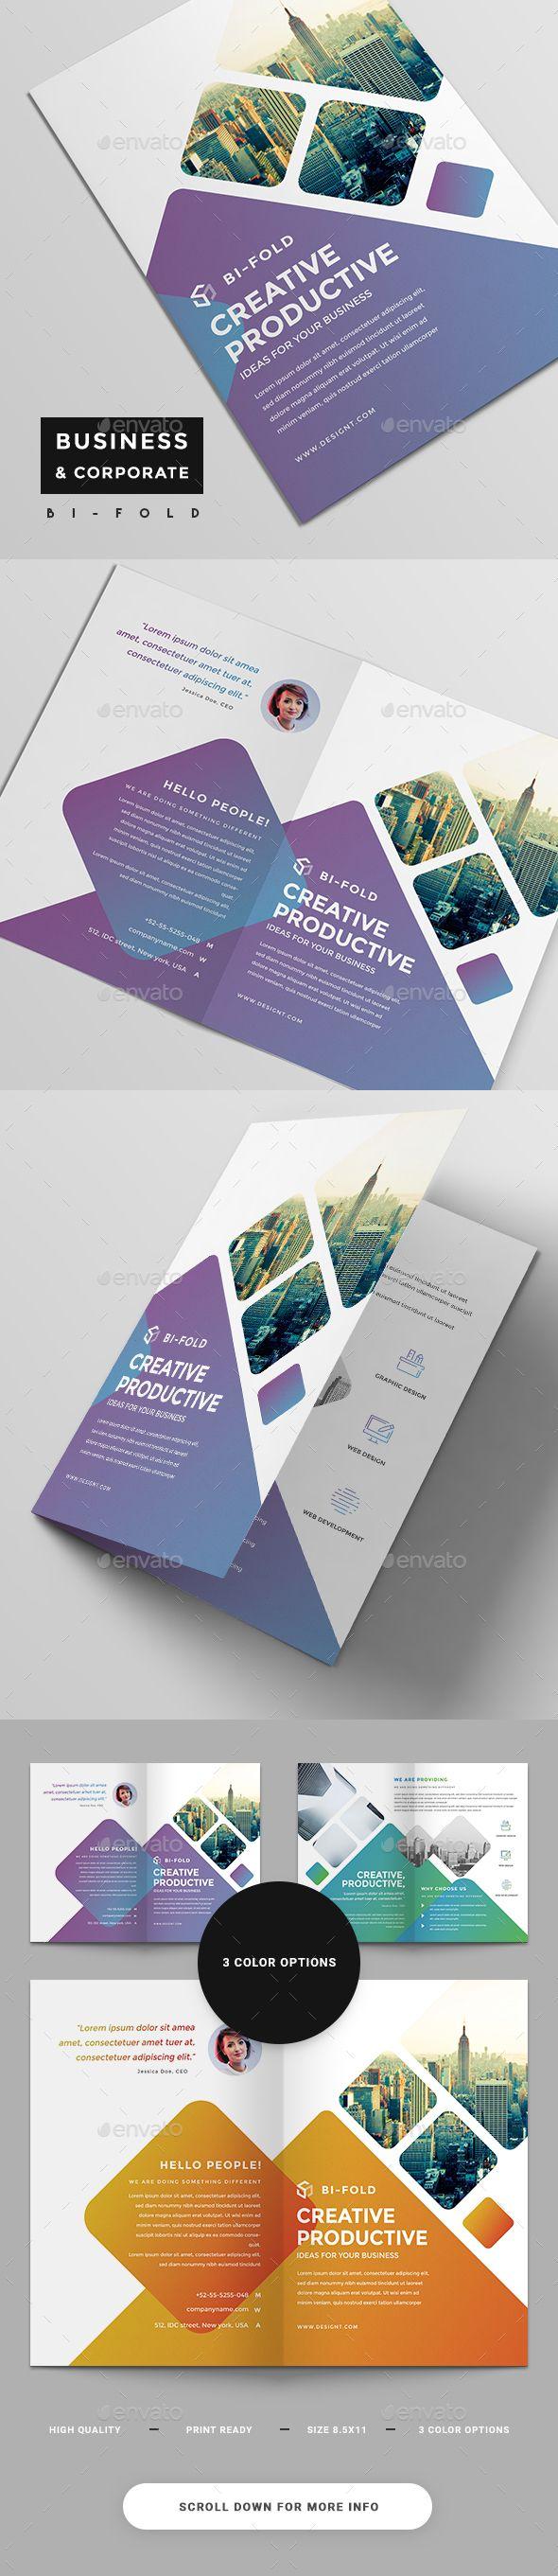 bi fold brochure templates free download - 25 best ideas about bi fold brochure on pinterest